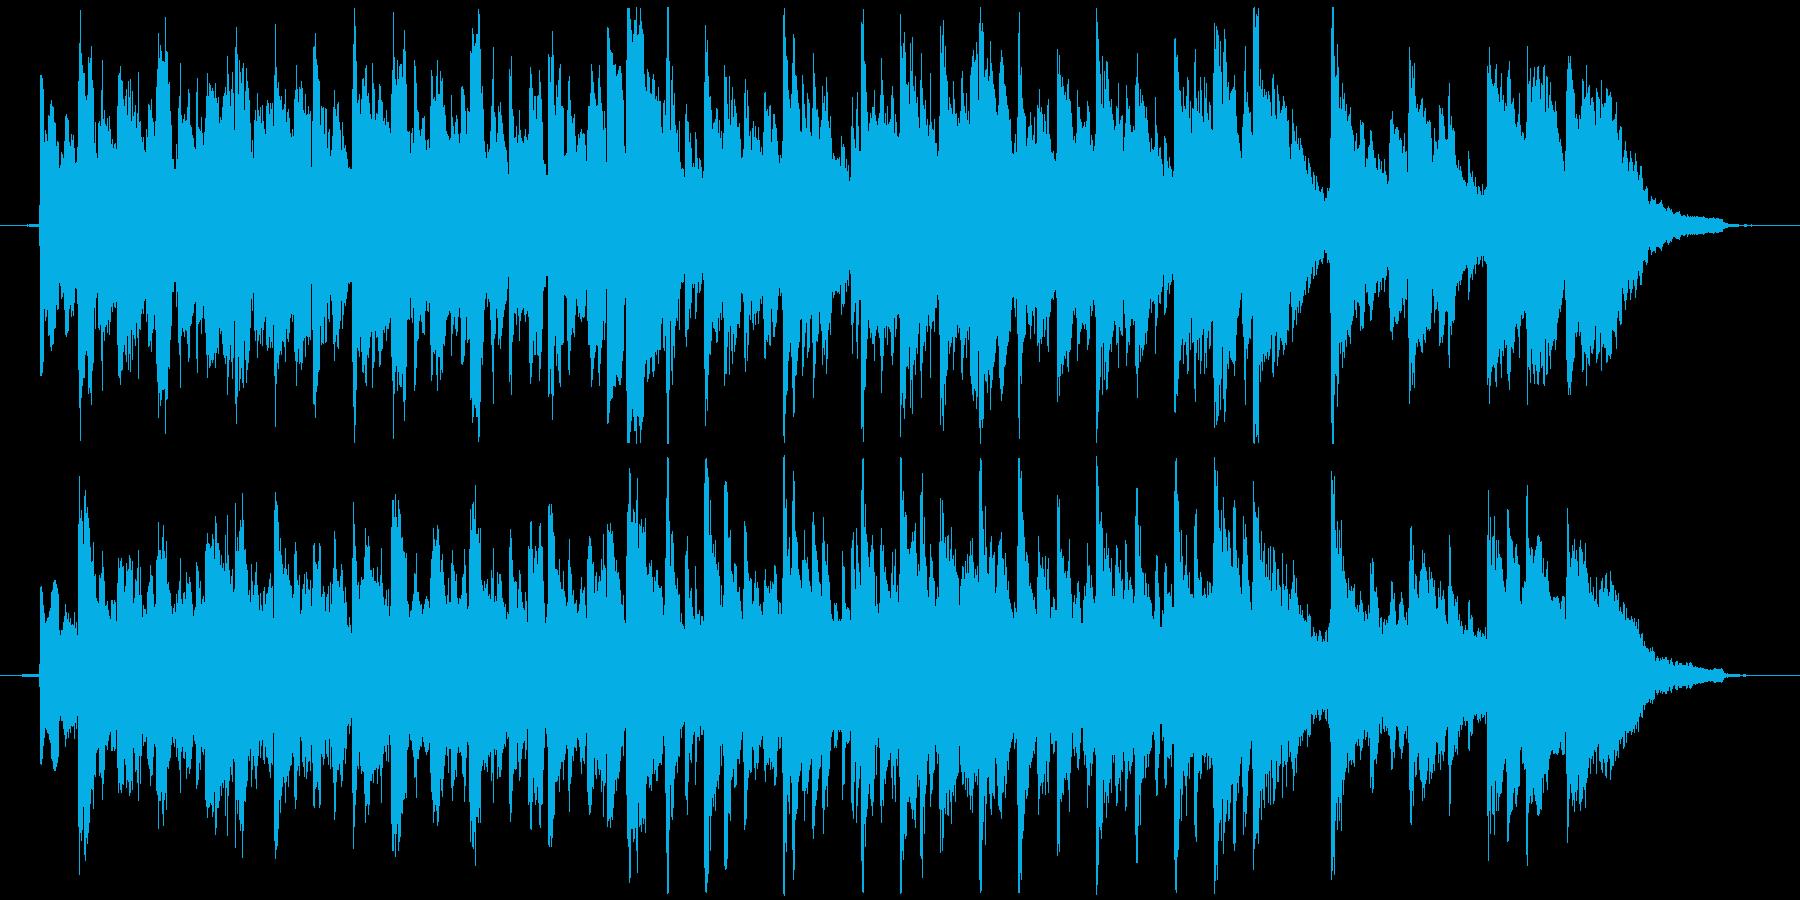 劇伴15B和風、尺八&琴、温もり、切ないの再生済みの波形